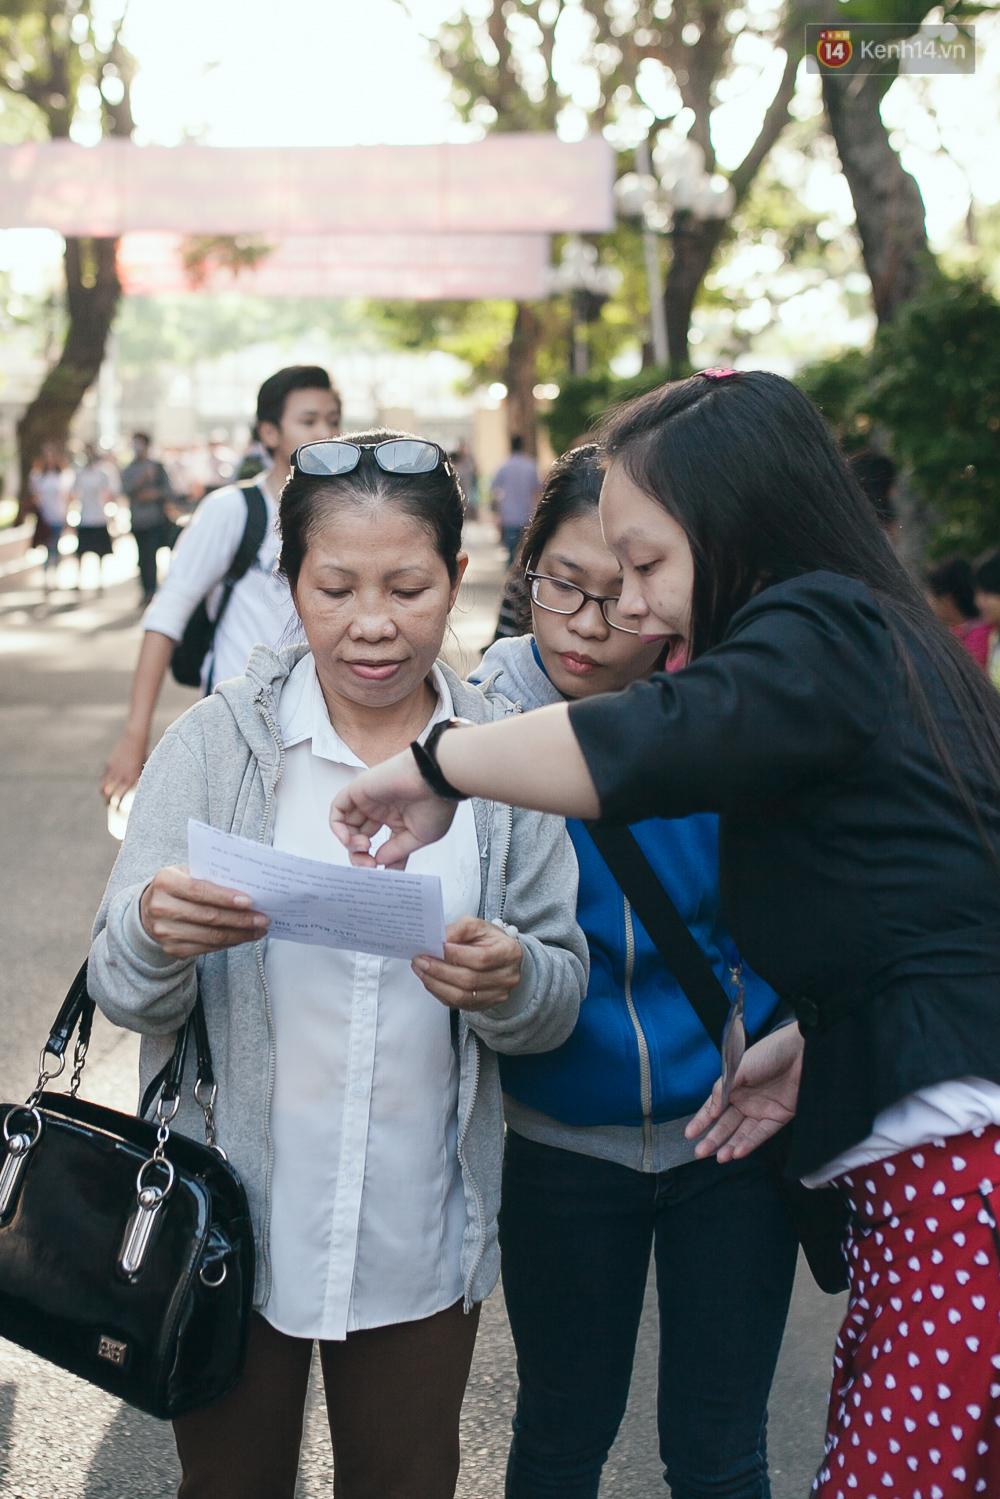 Gần 900.000 thí sinh làm thủ tục chính thức bước vào kỳ thi THPT Quốc gia - Ảnh 2.